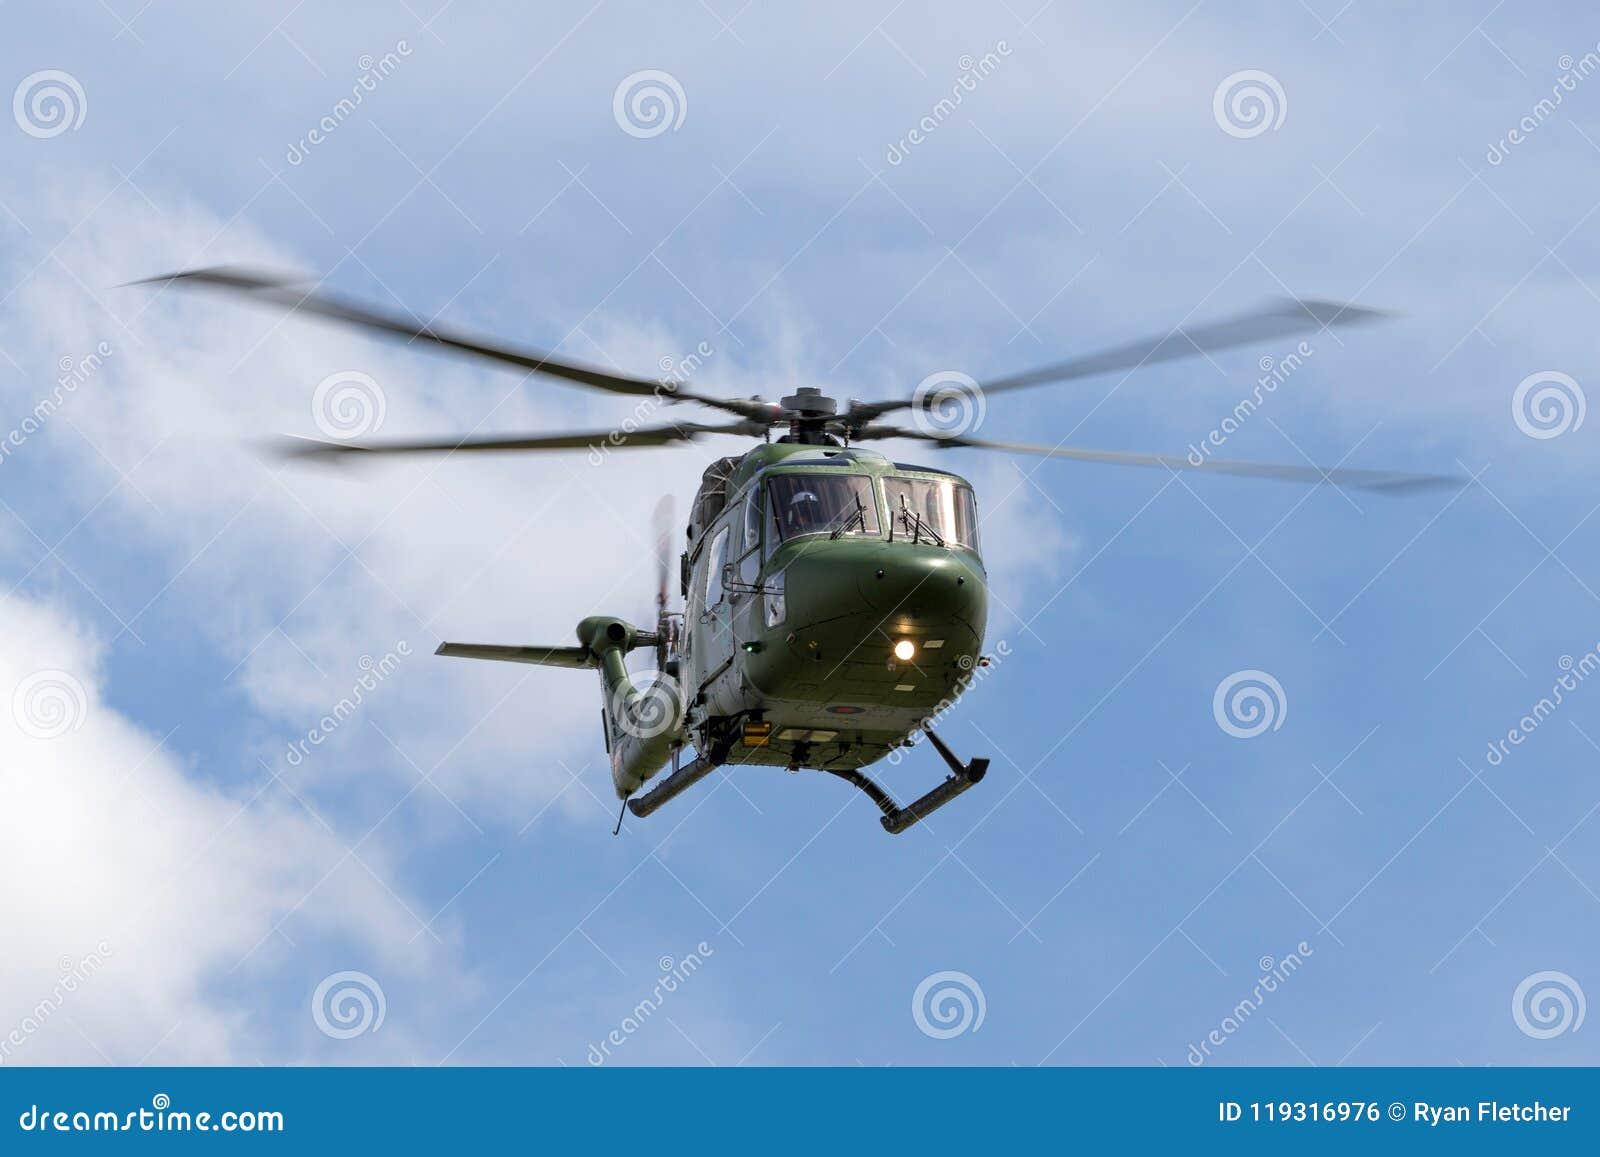 Westlandlynx AH 7 helikopter XZ184 van de Britse Korpsen die van de Legerlucht tegen een gedeeltelijk bewolkte hemel vliegen